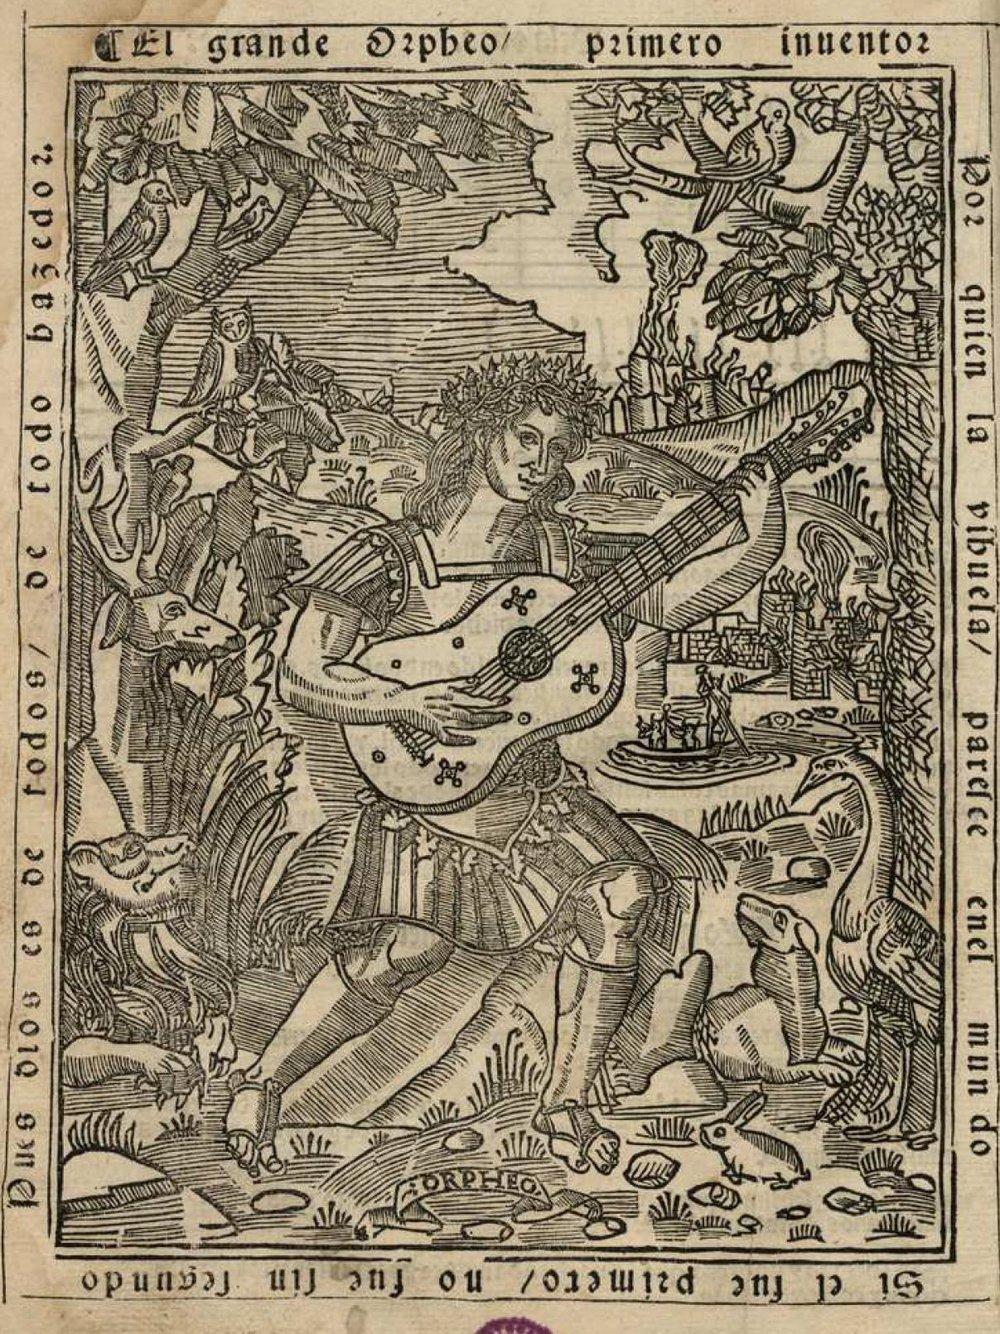 Frontispiece to  Libro de música de vihuela de mano intitulado El maestro